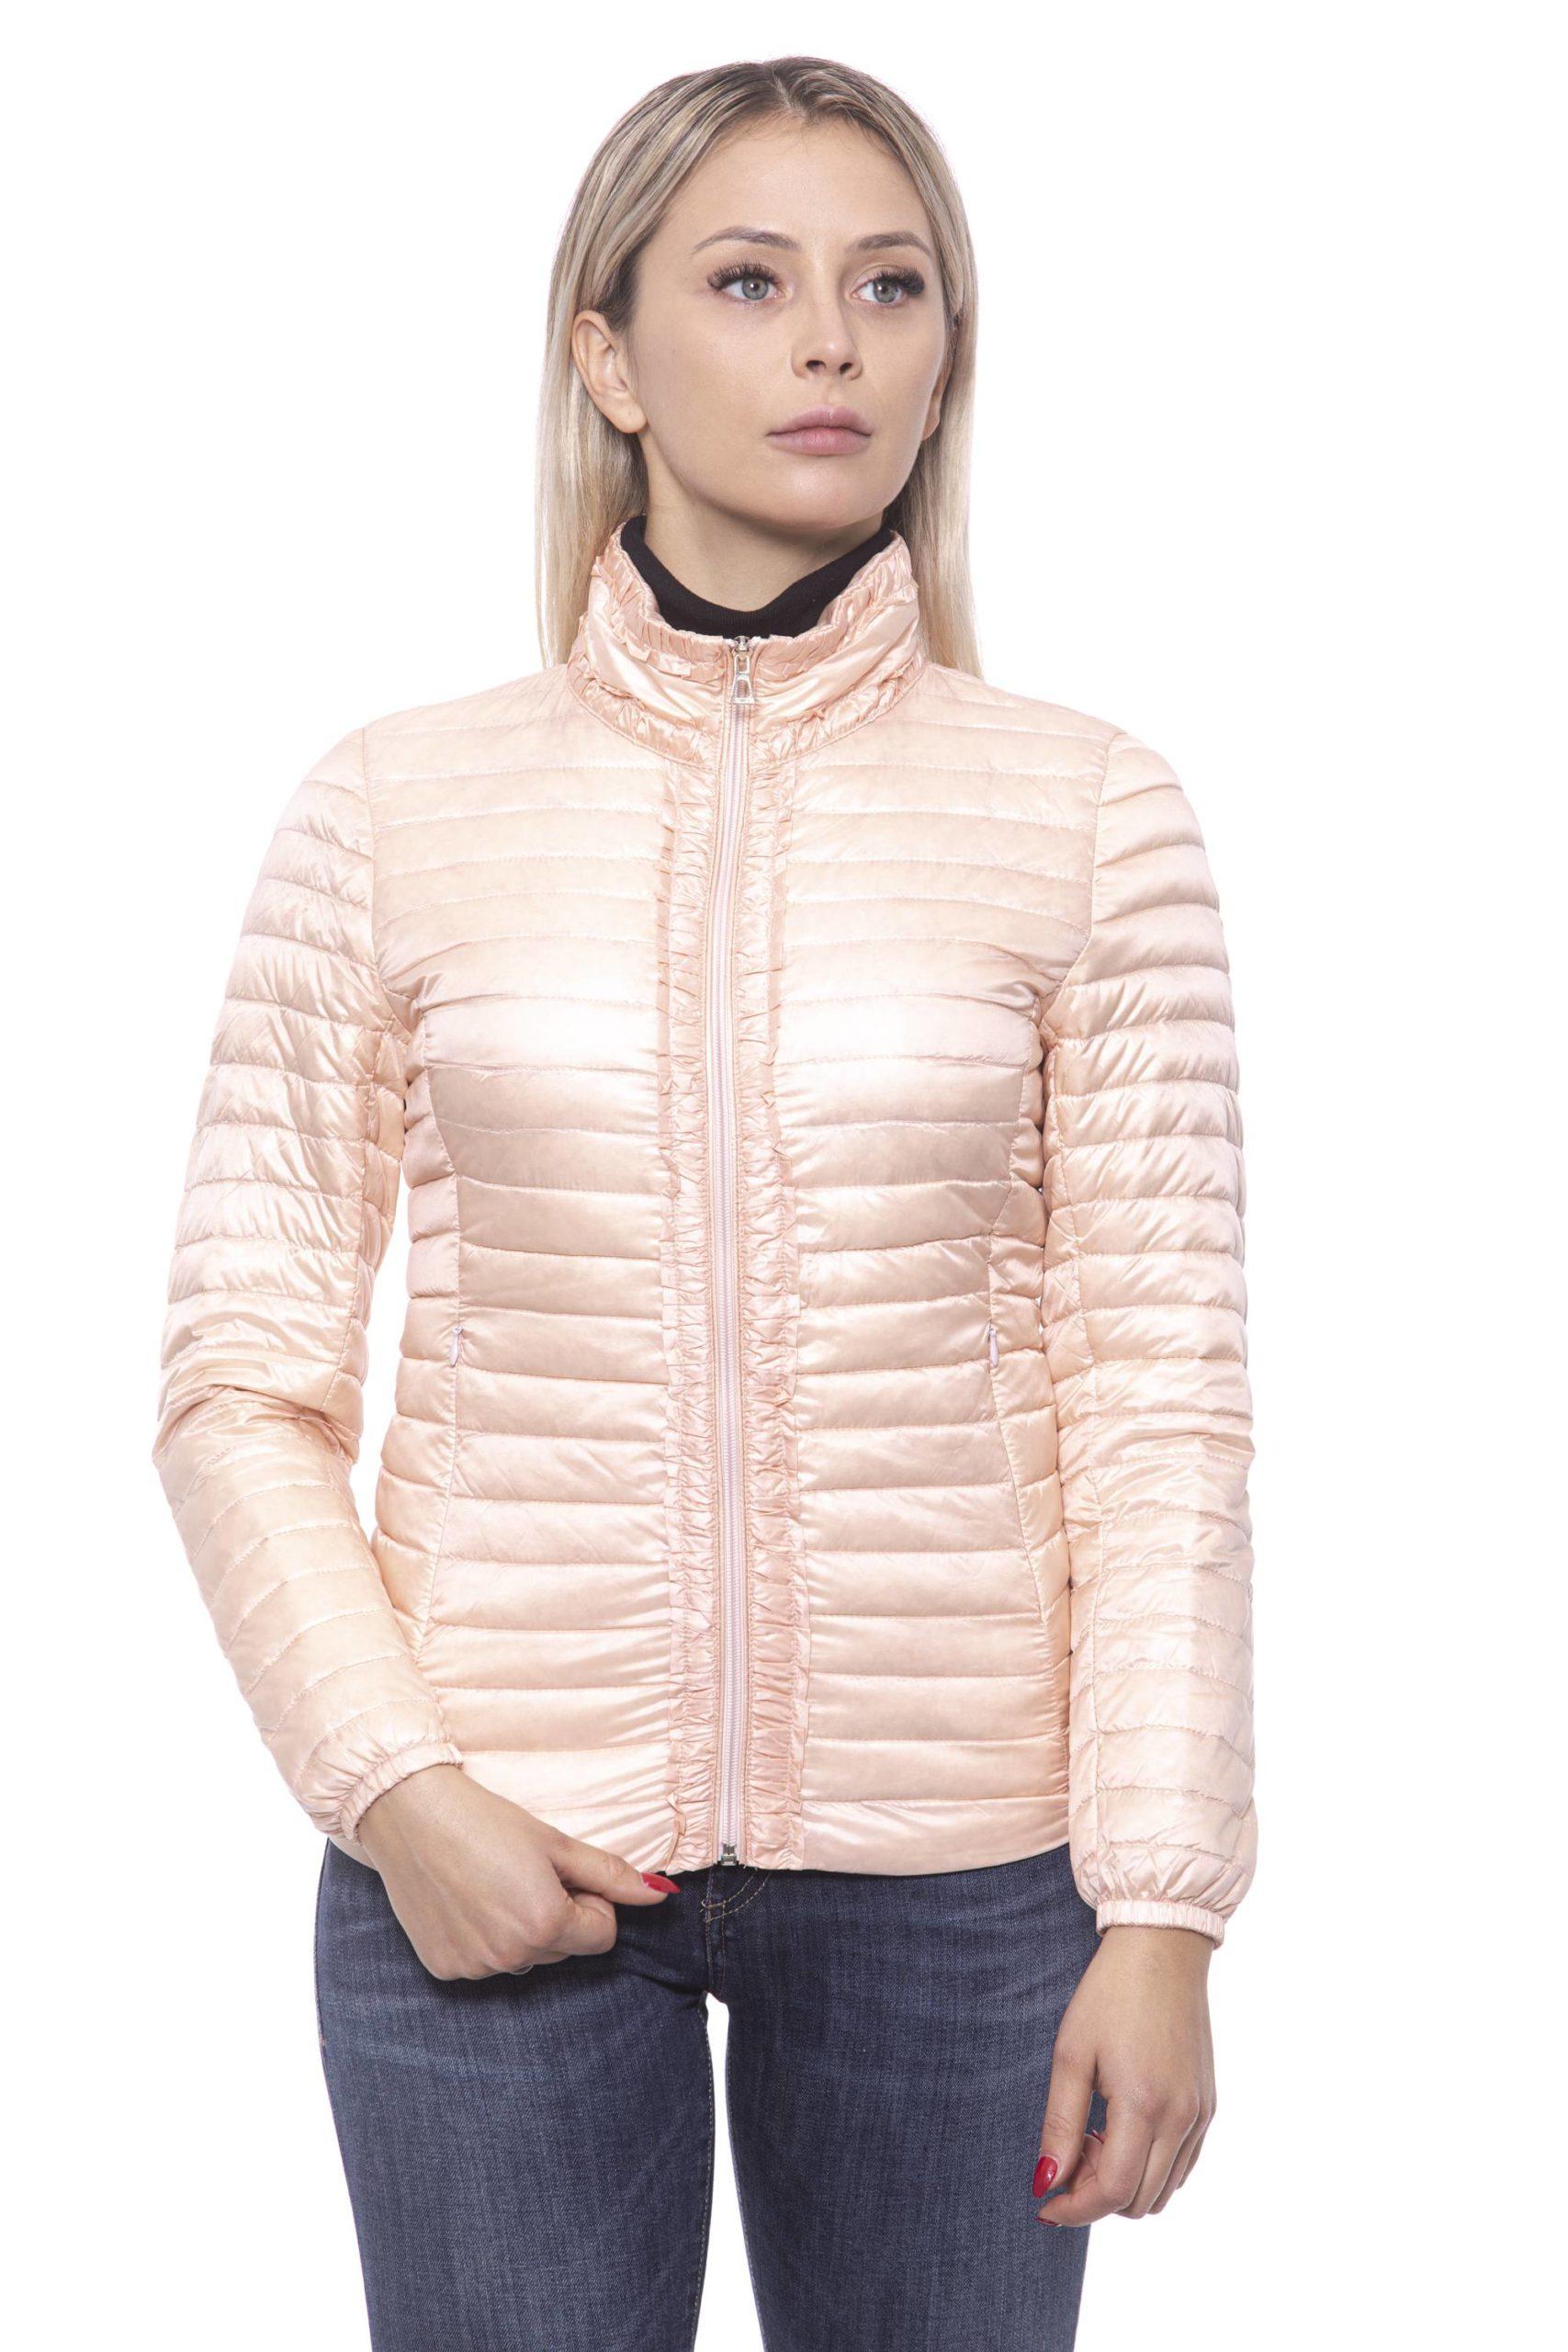 19V69 Italia Women's Rosa Jacket Pink 191388362 - S